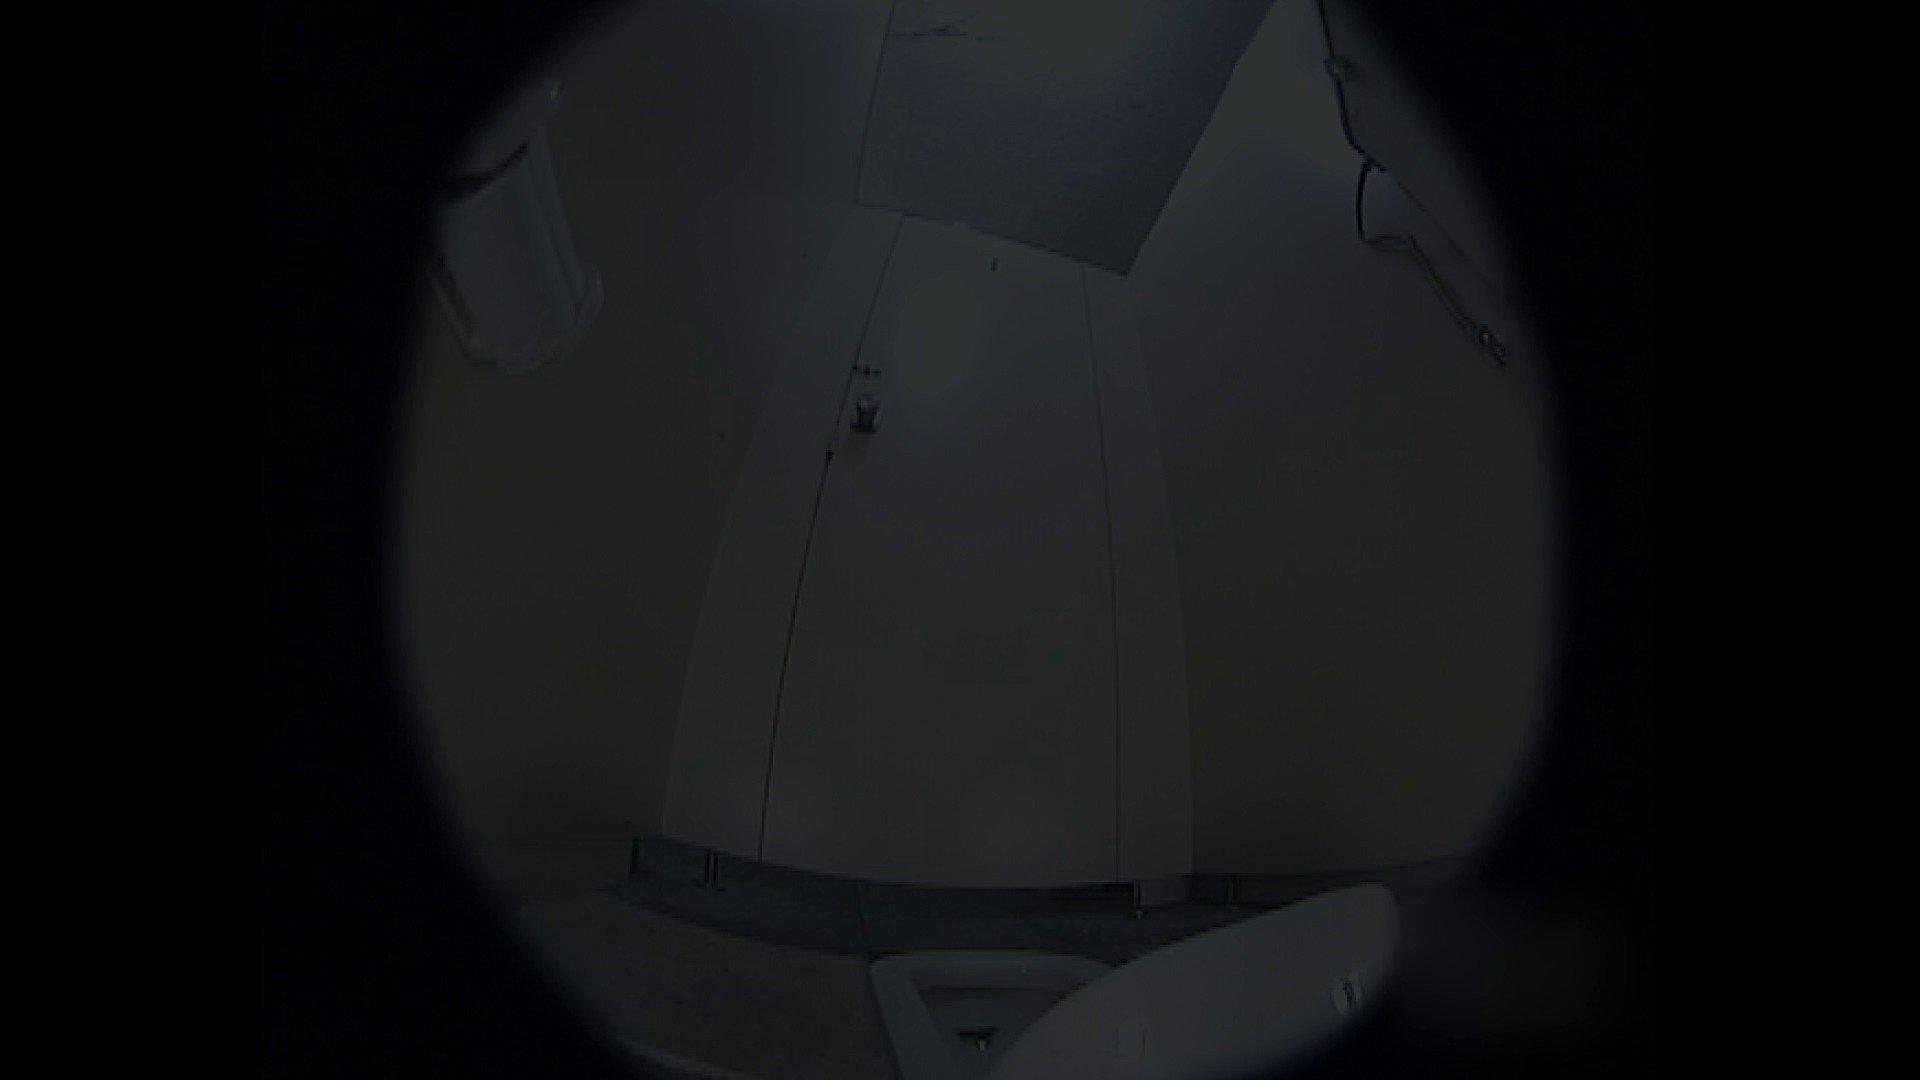 レースクィーントイレ盗撮!Vol.04 肛門特集 | オマンコ見放題  10枚 1